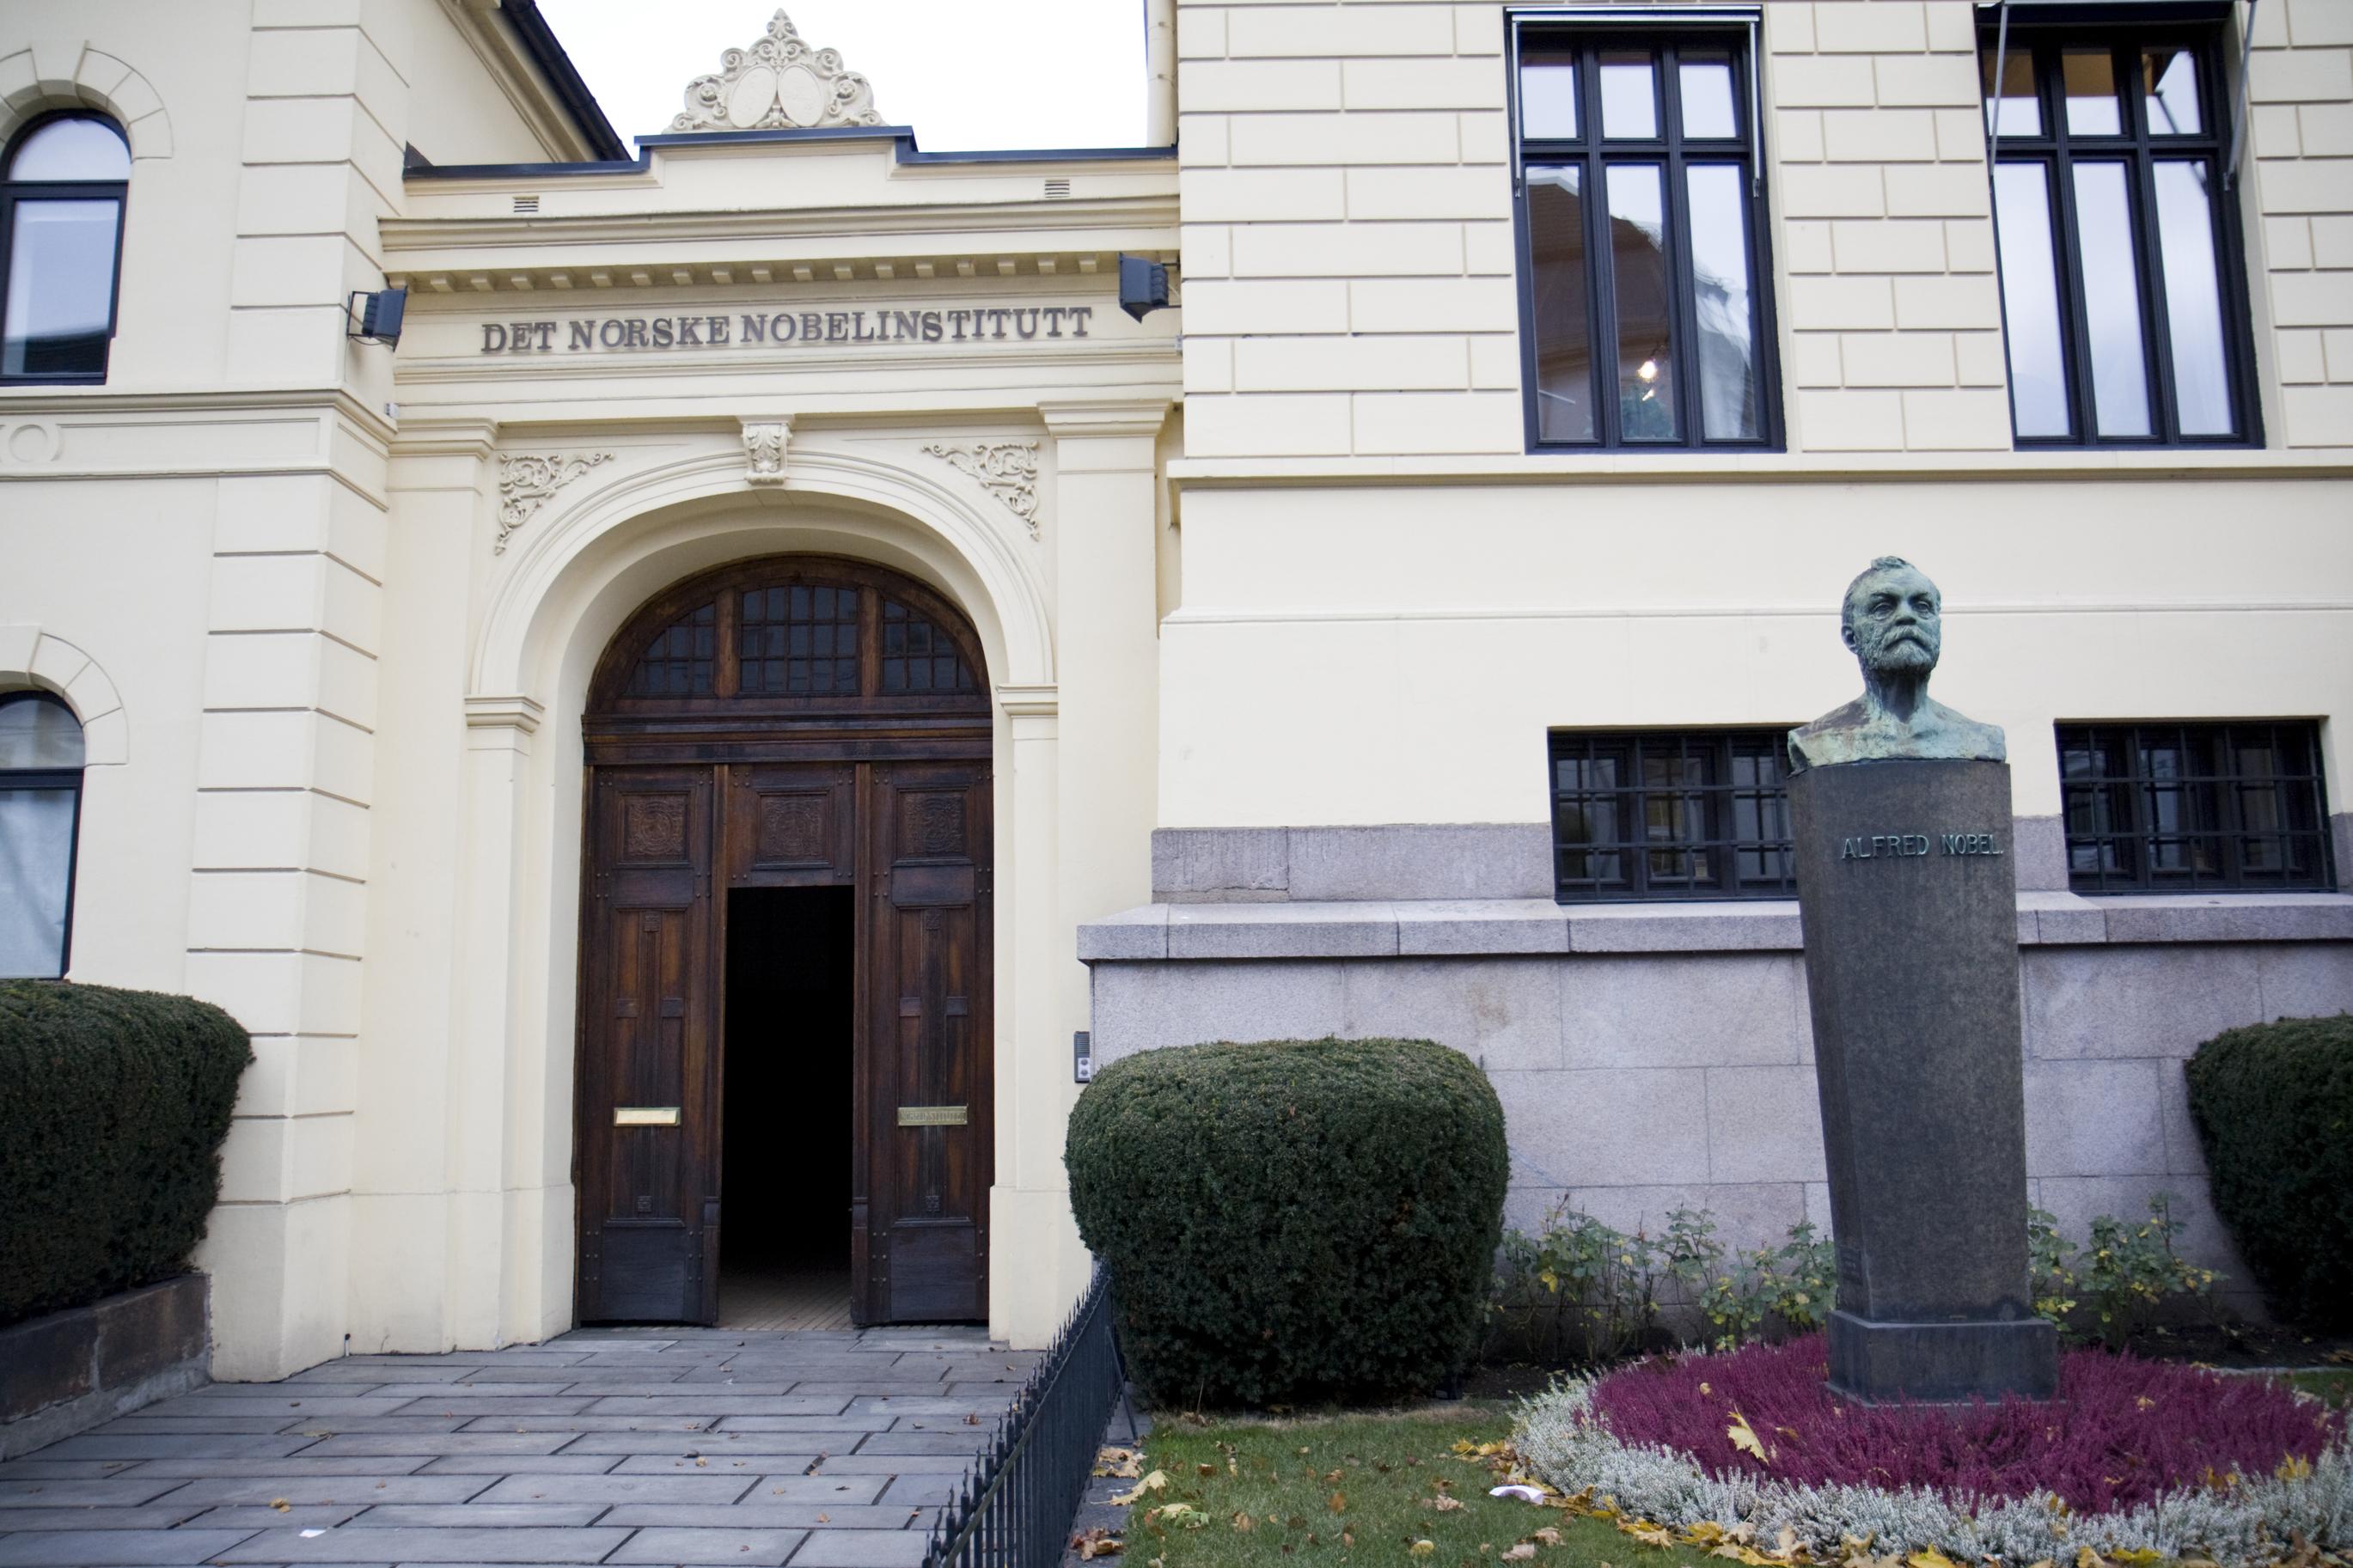 Il premi Nobel da pasch vegn surdà ad Oslo.